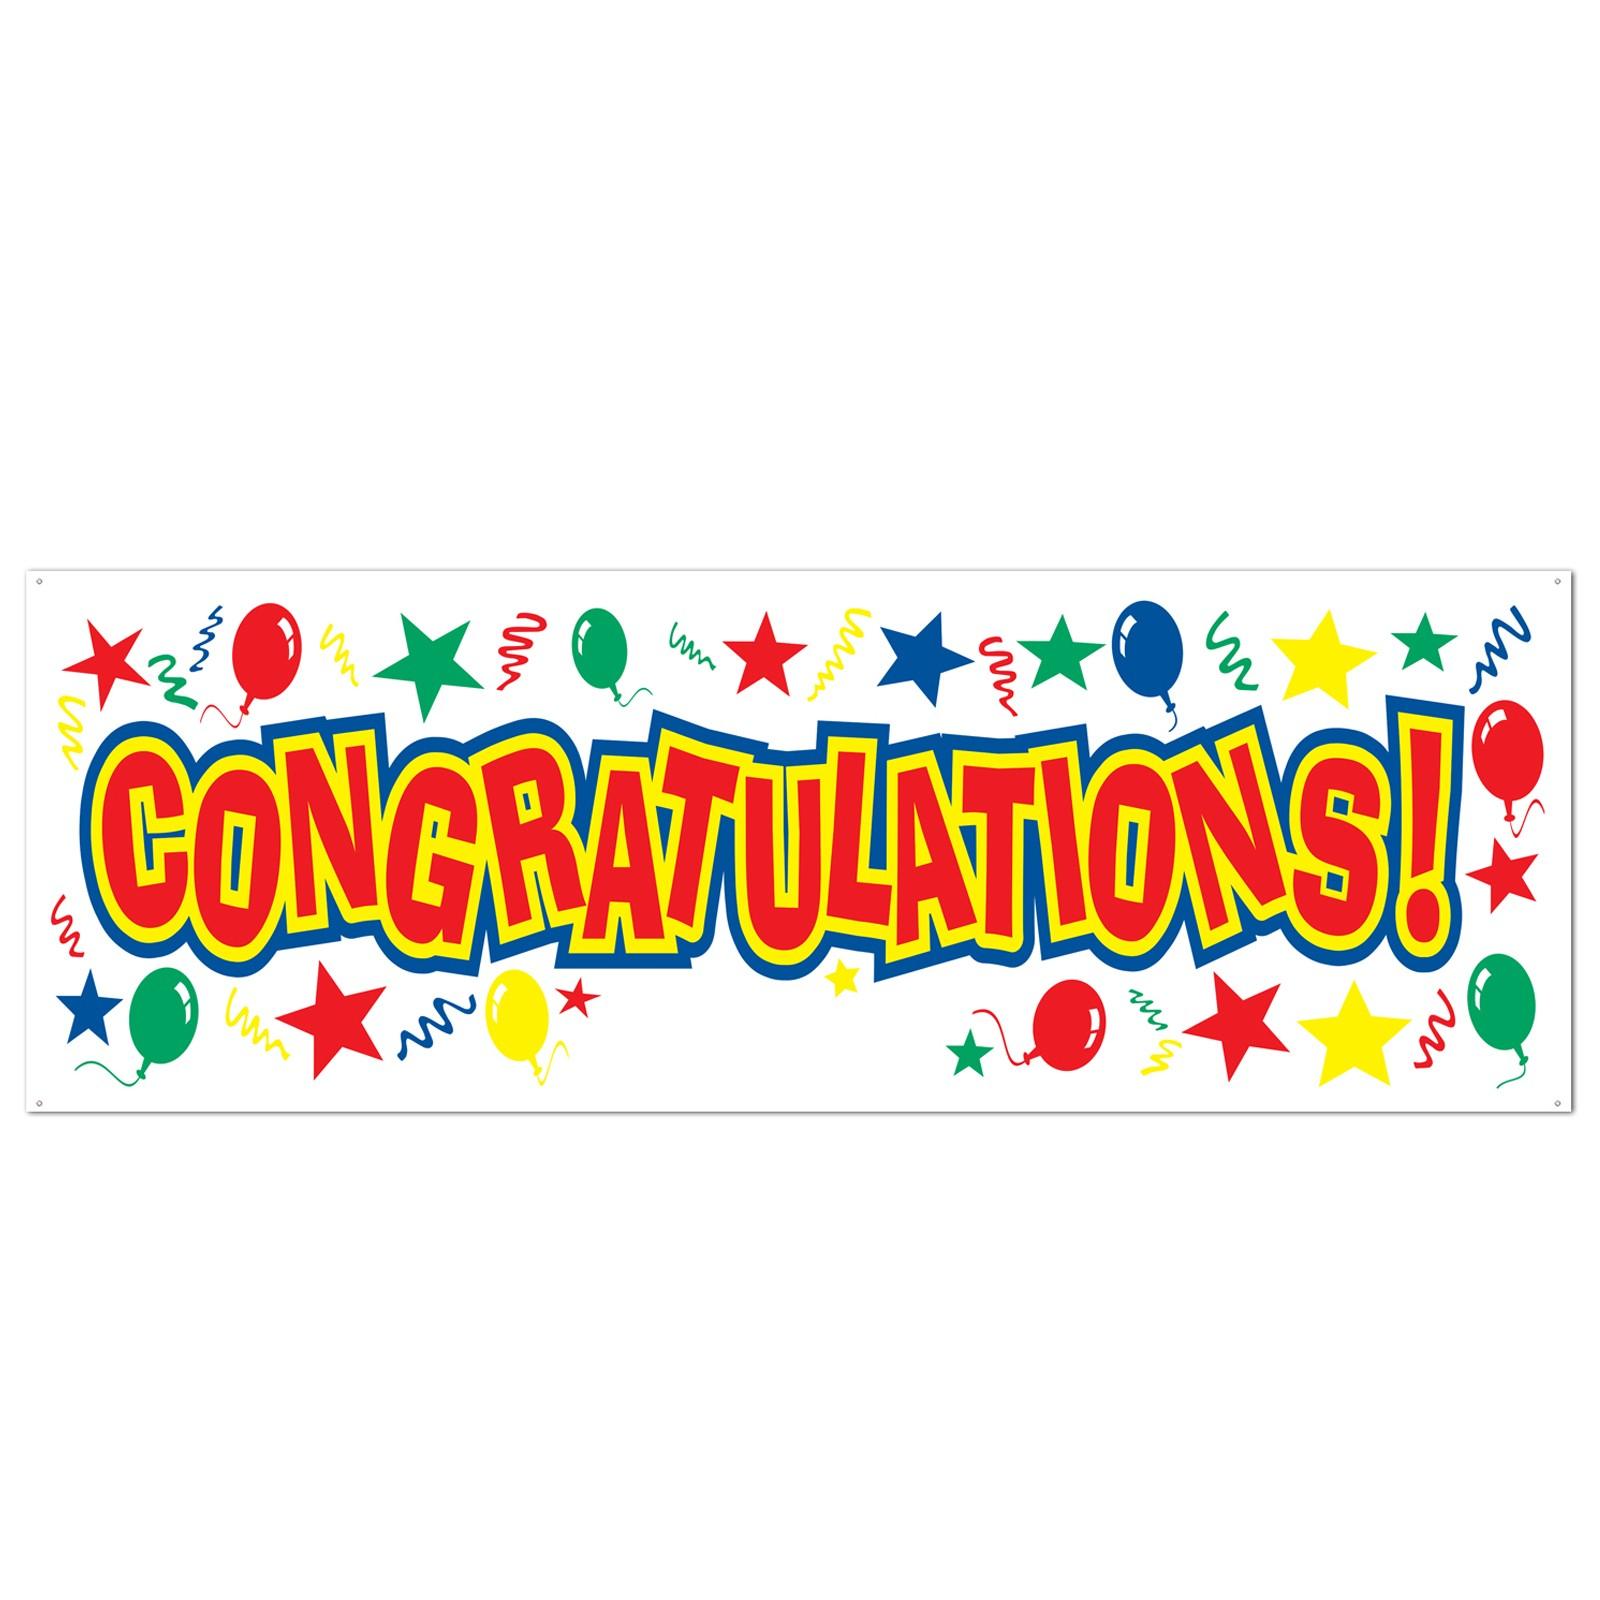 1600x1600 Congratulations clipart